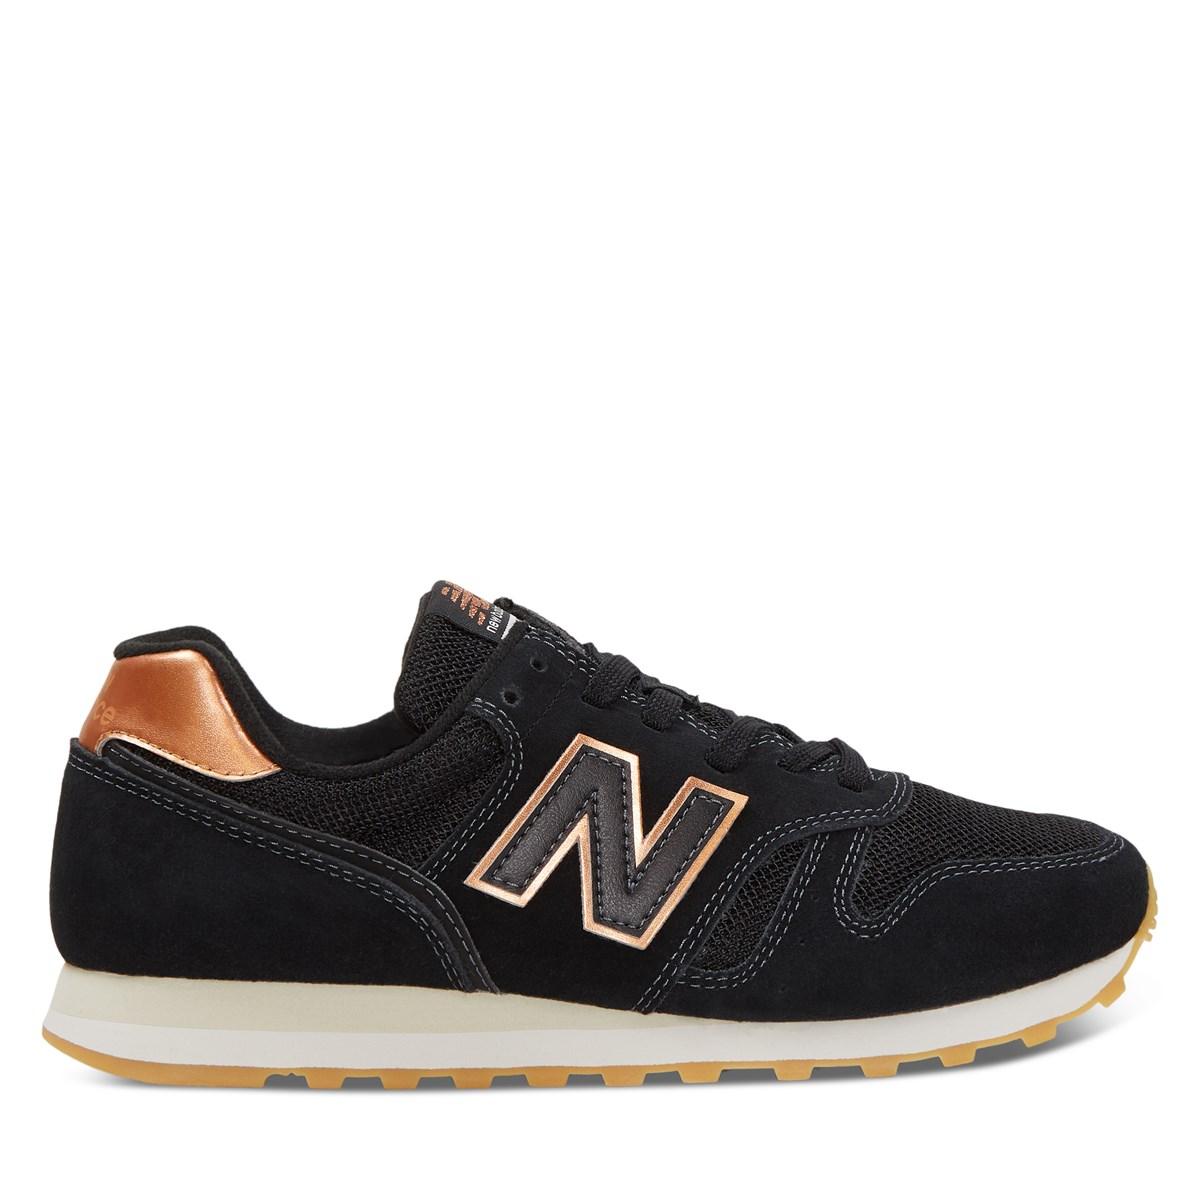 Women's 373 Sneakers in Black